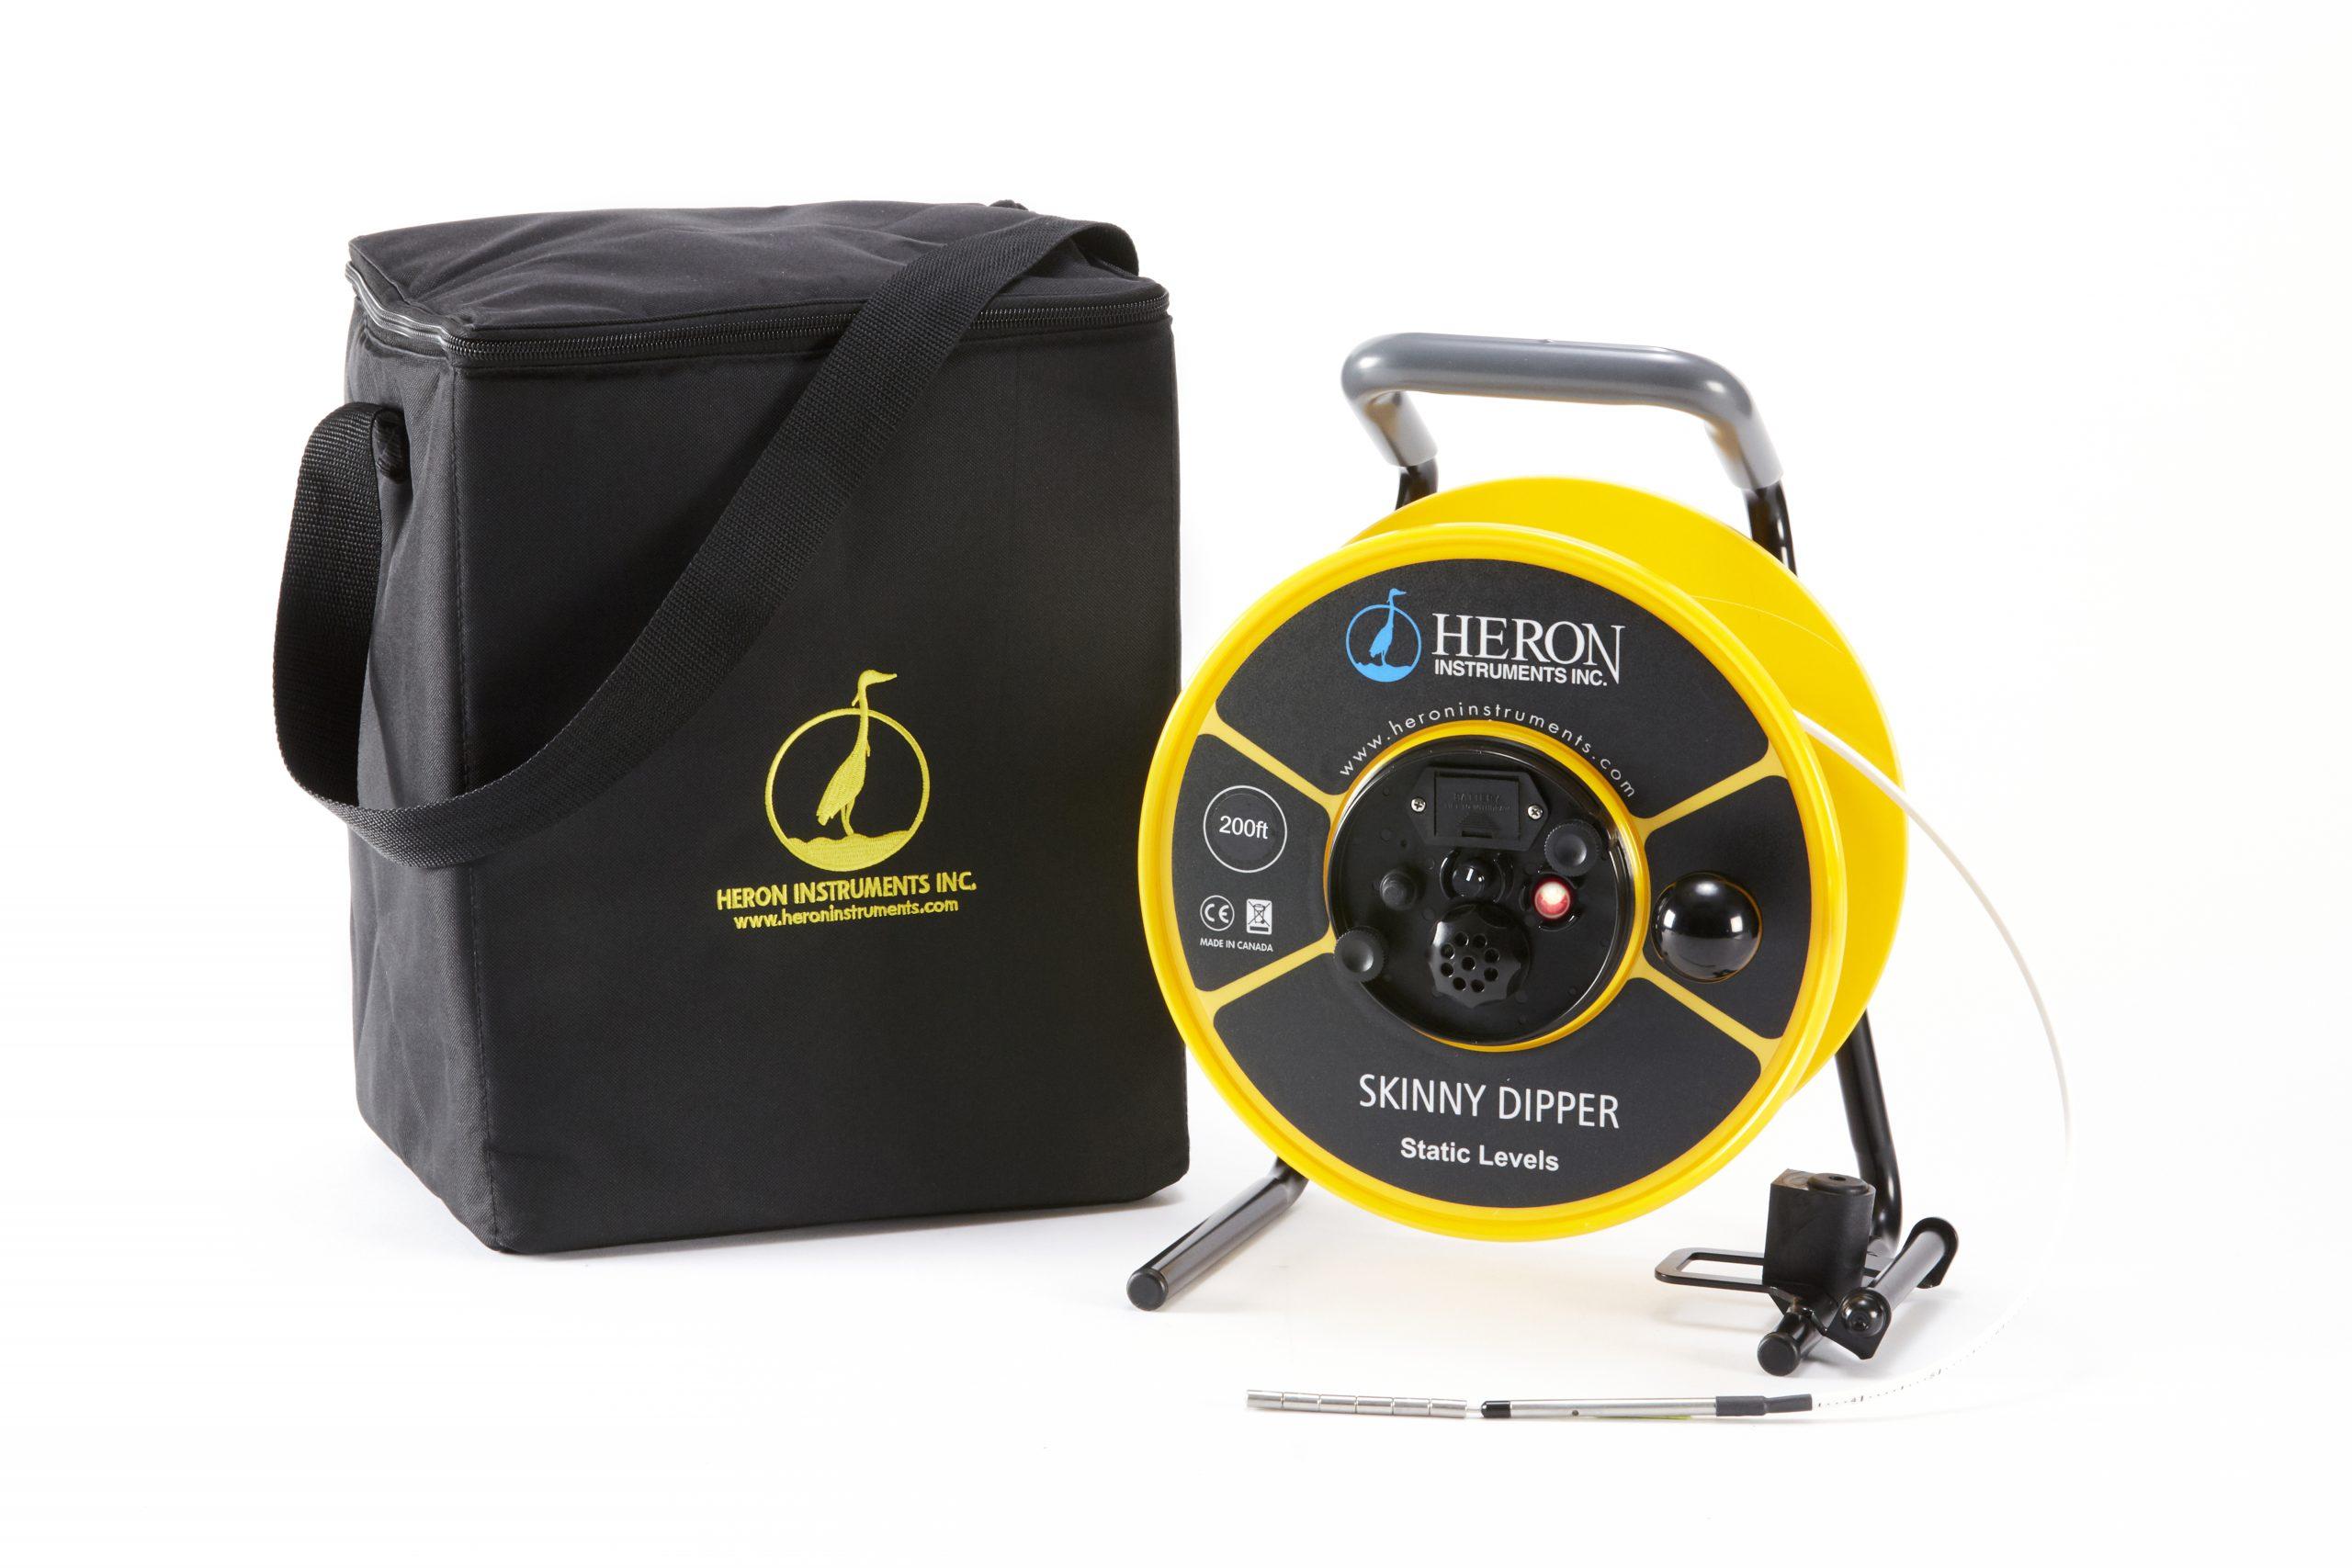 SKINNY DIPPER Narrow Diameter Water Level Meter